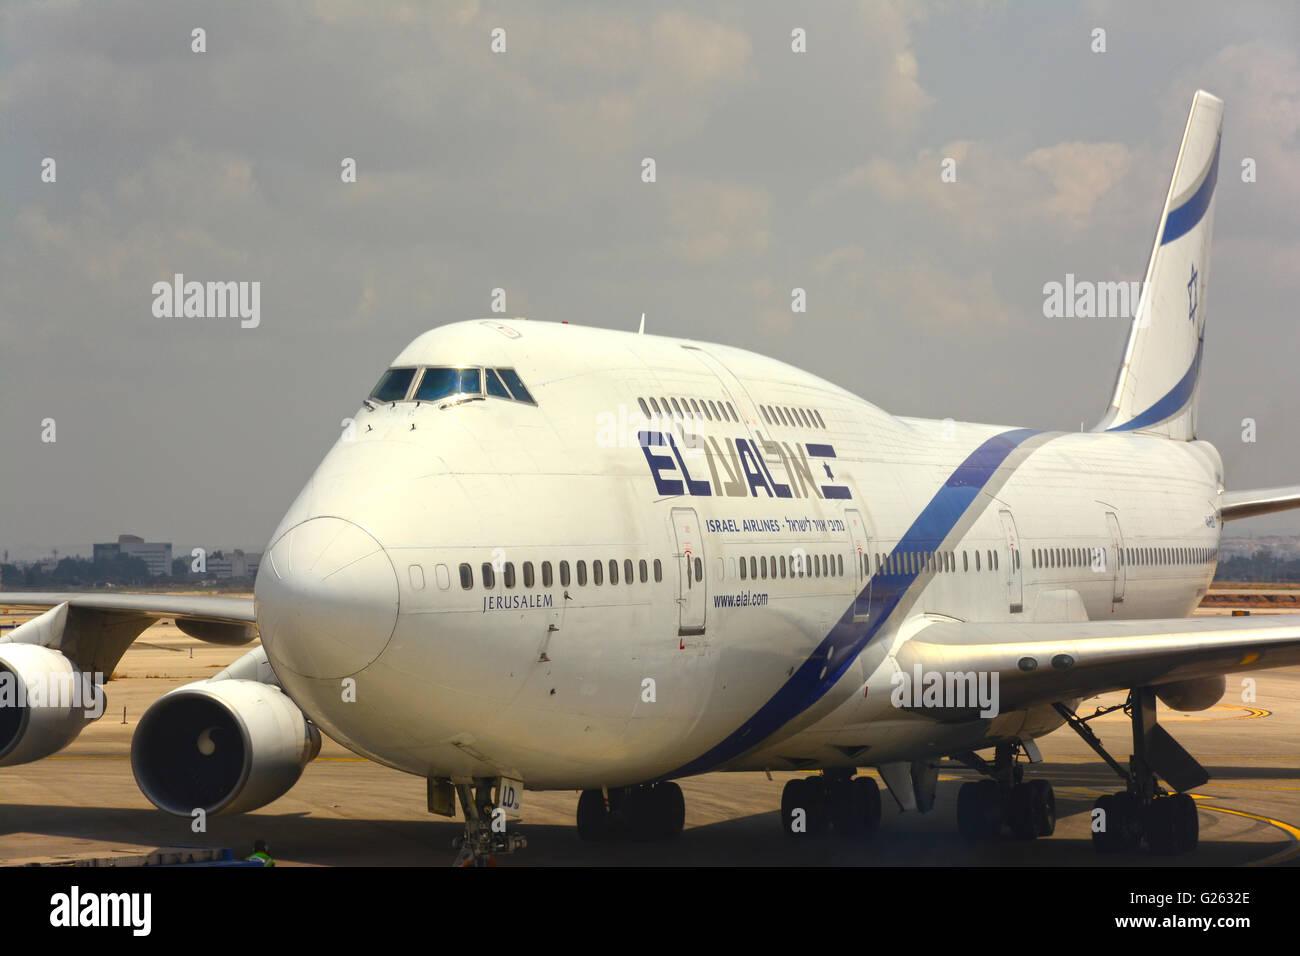 El Al , Israeli airlines, Jumbo jet - Stock Image